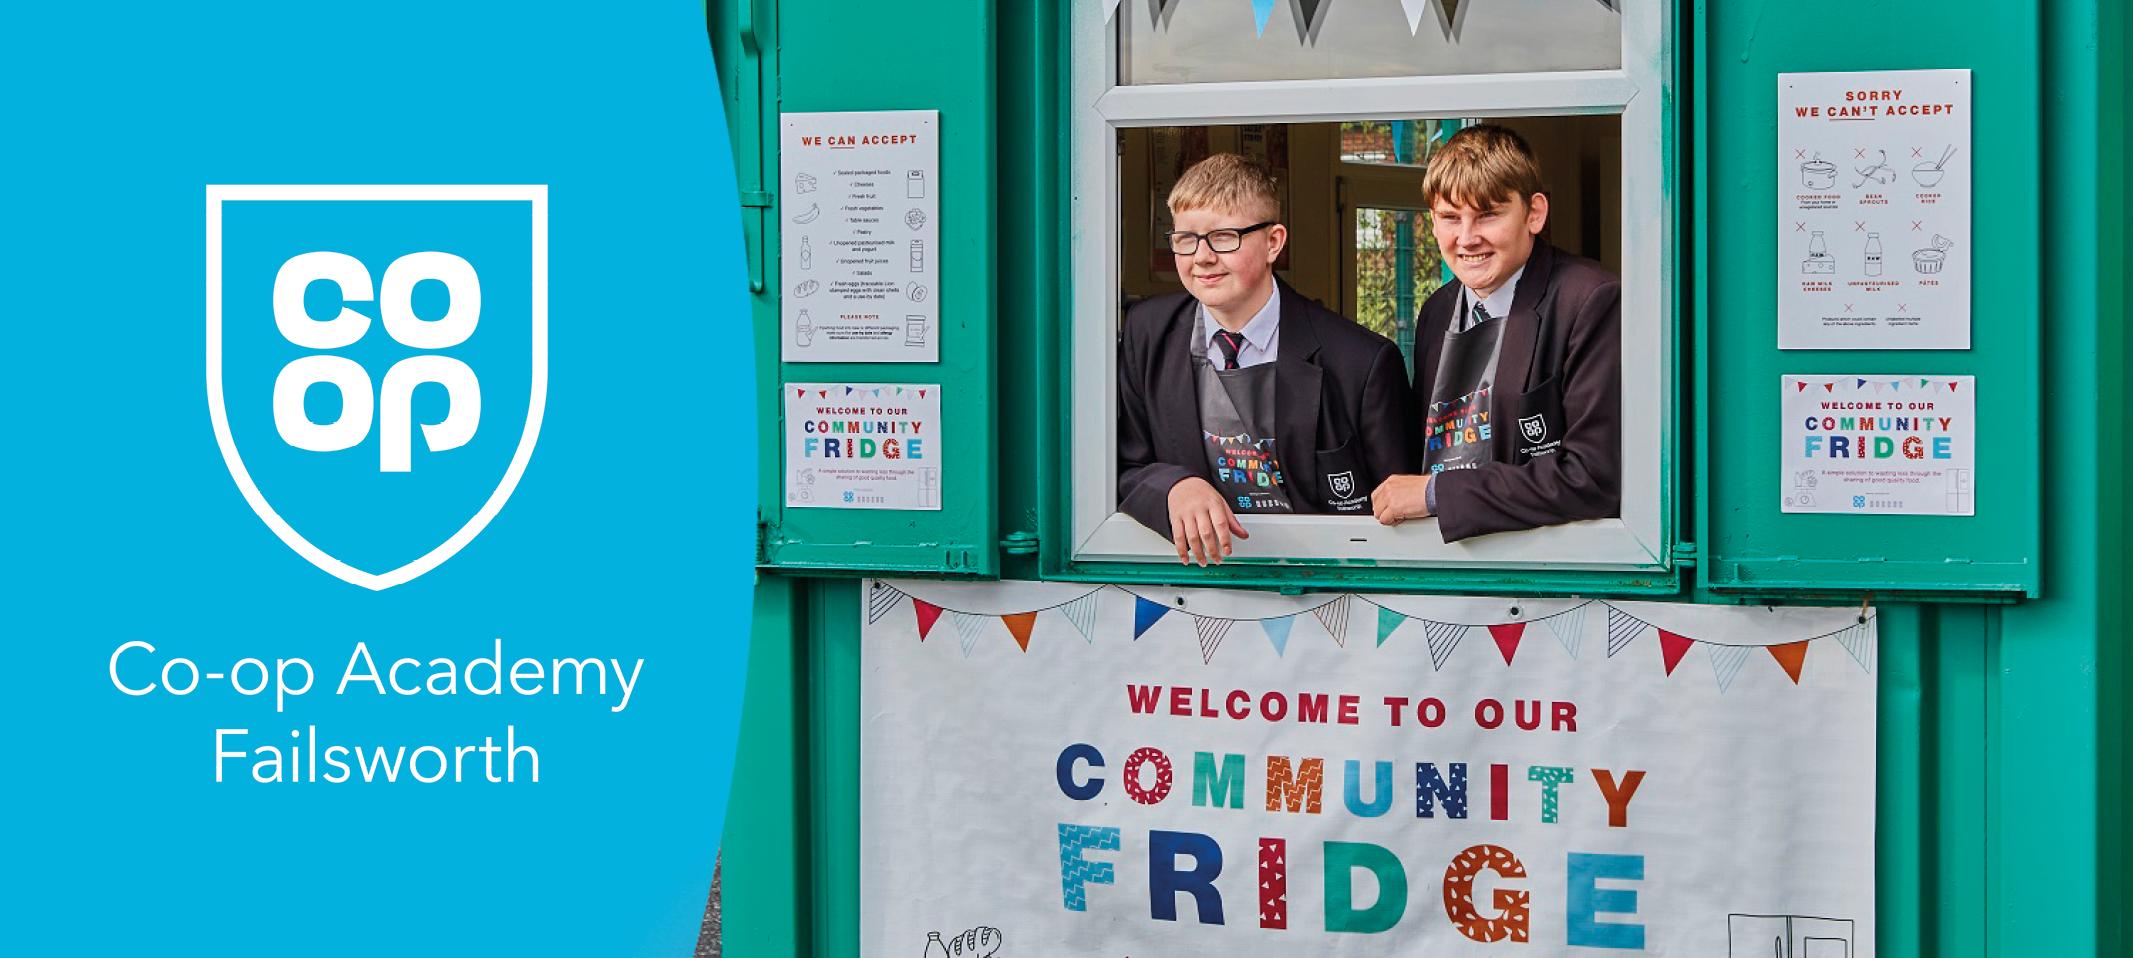 We've launched a Community Fridge!